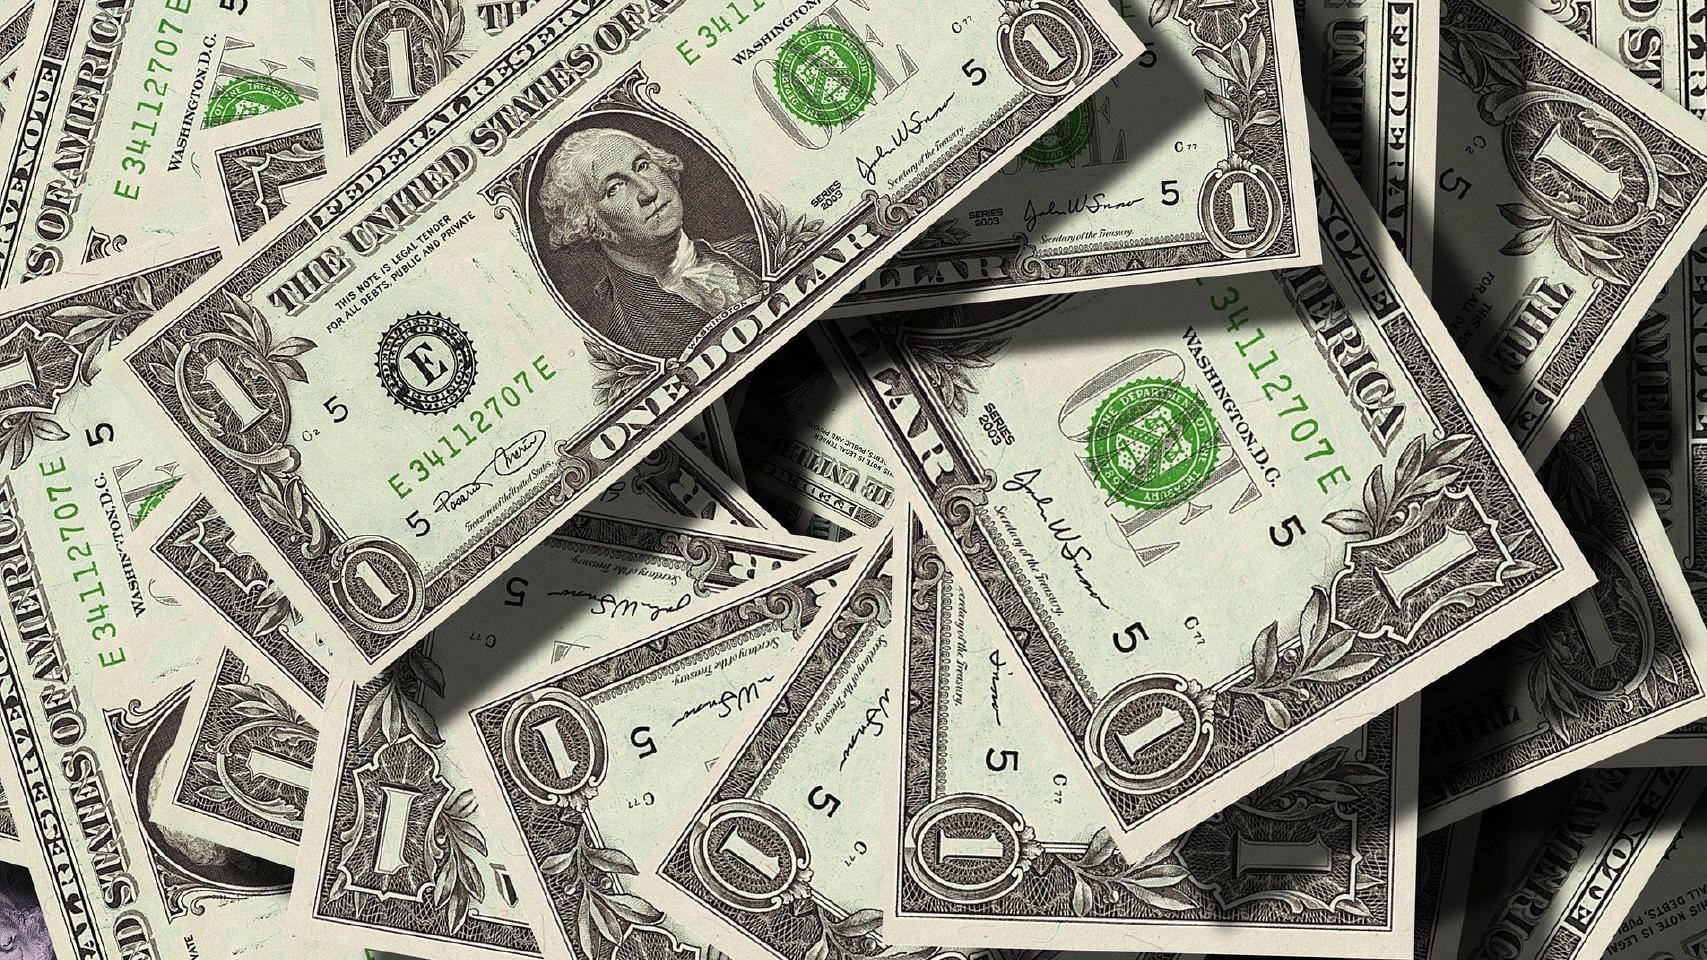 Fewer fines, longer loans beginning August 15